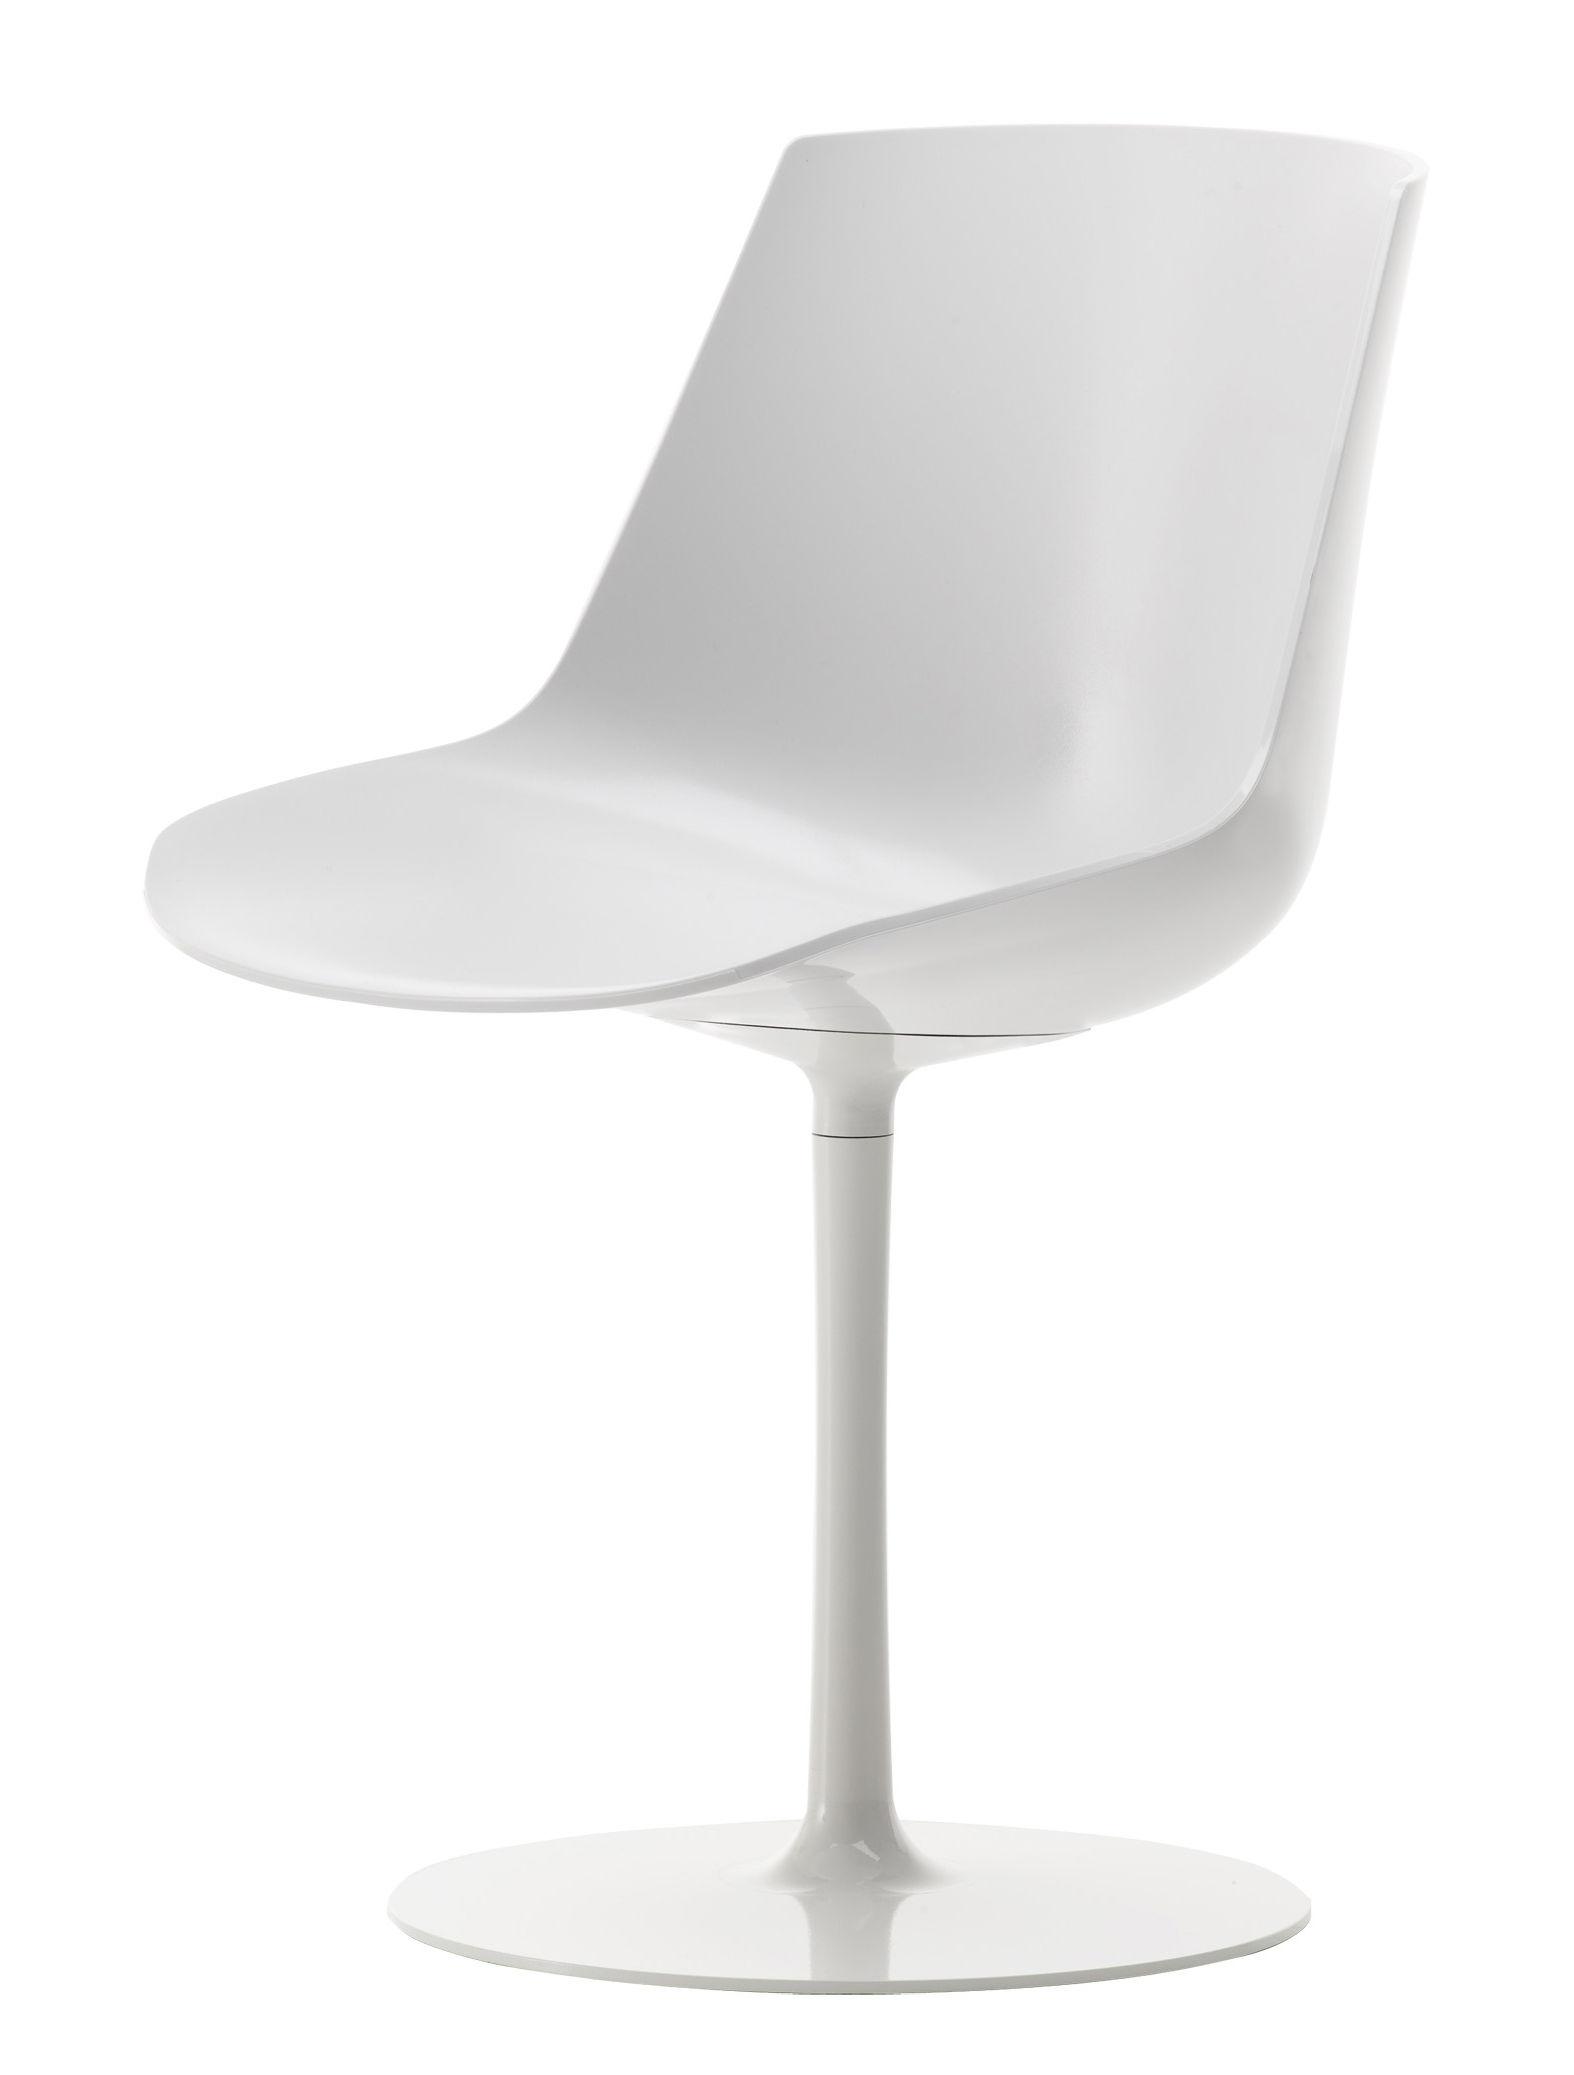 mobilier chaises fauteuils de salle a manger chaise pivotante flow pied central